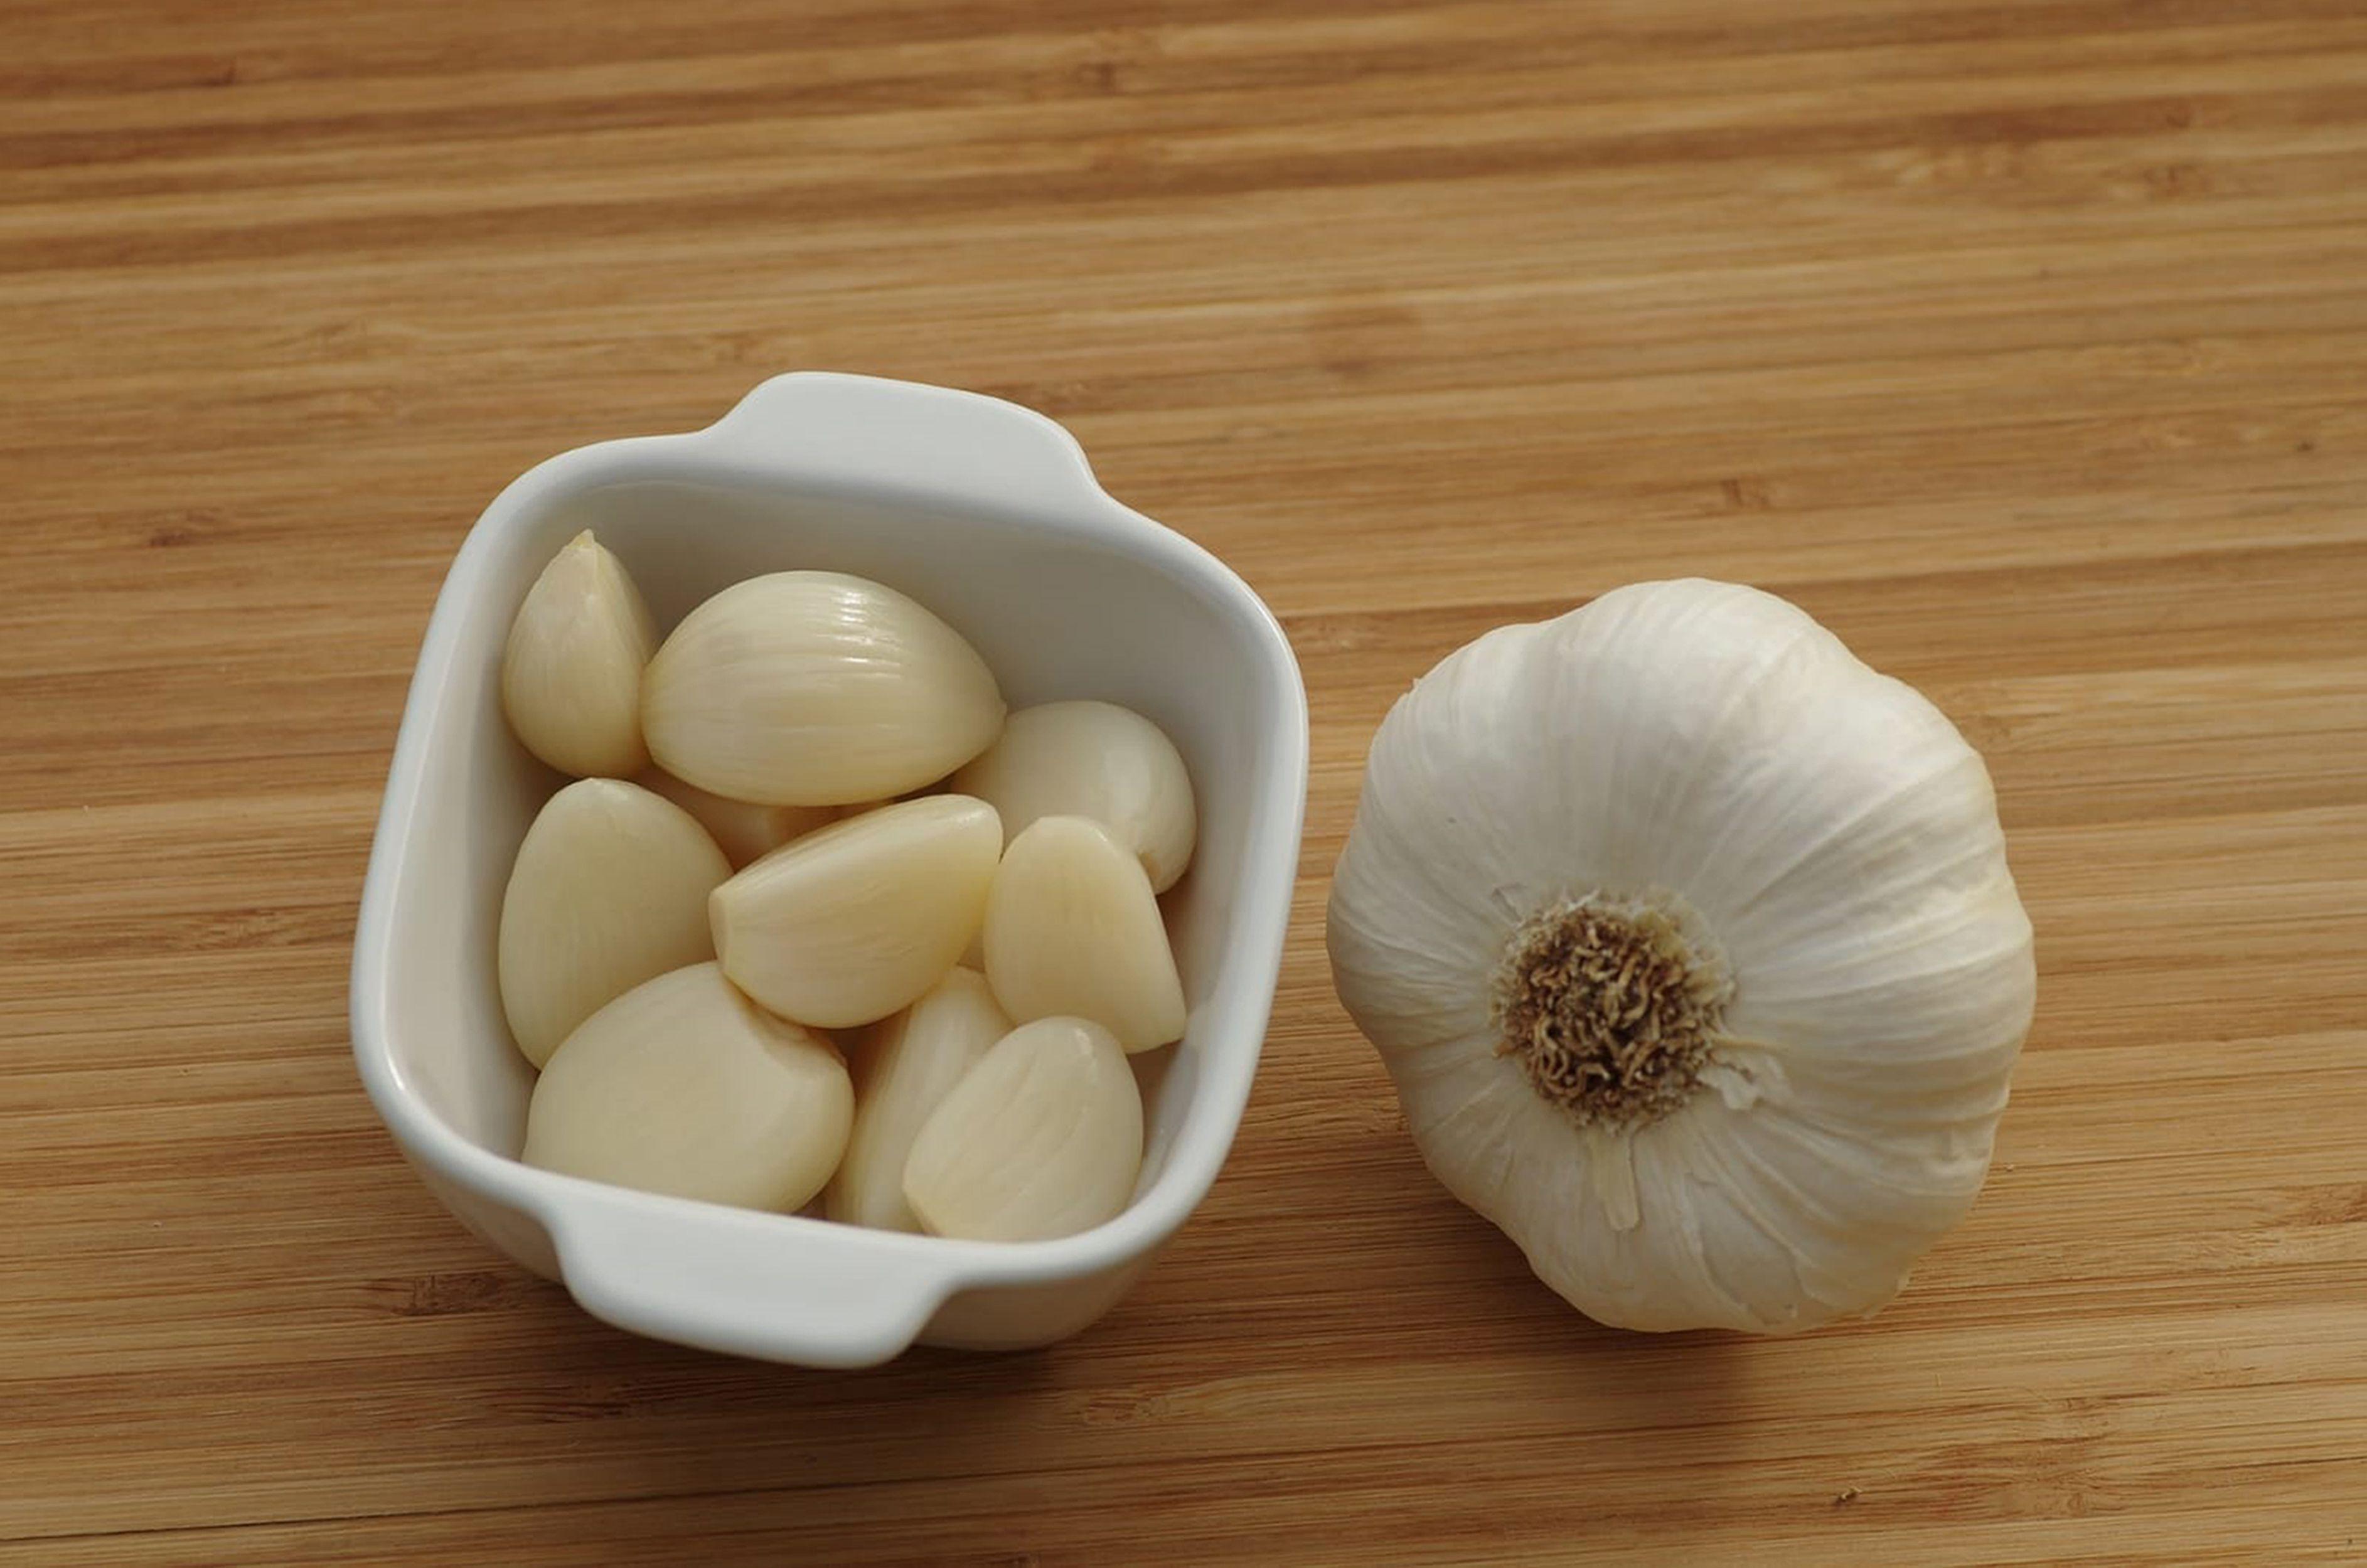 Lo ideal sería consumir el ajo tanto crudo como cocinado uno o dos dientes de ajo por día que equivale hasta 4 gramos diarios. Foto: Pixabay.